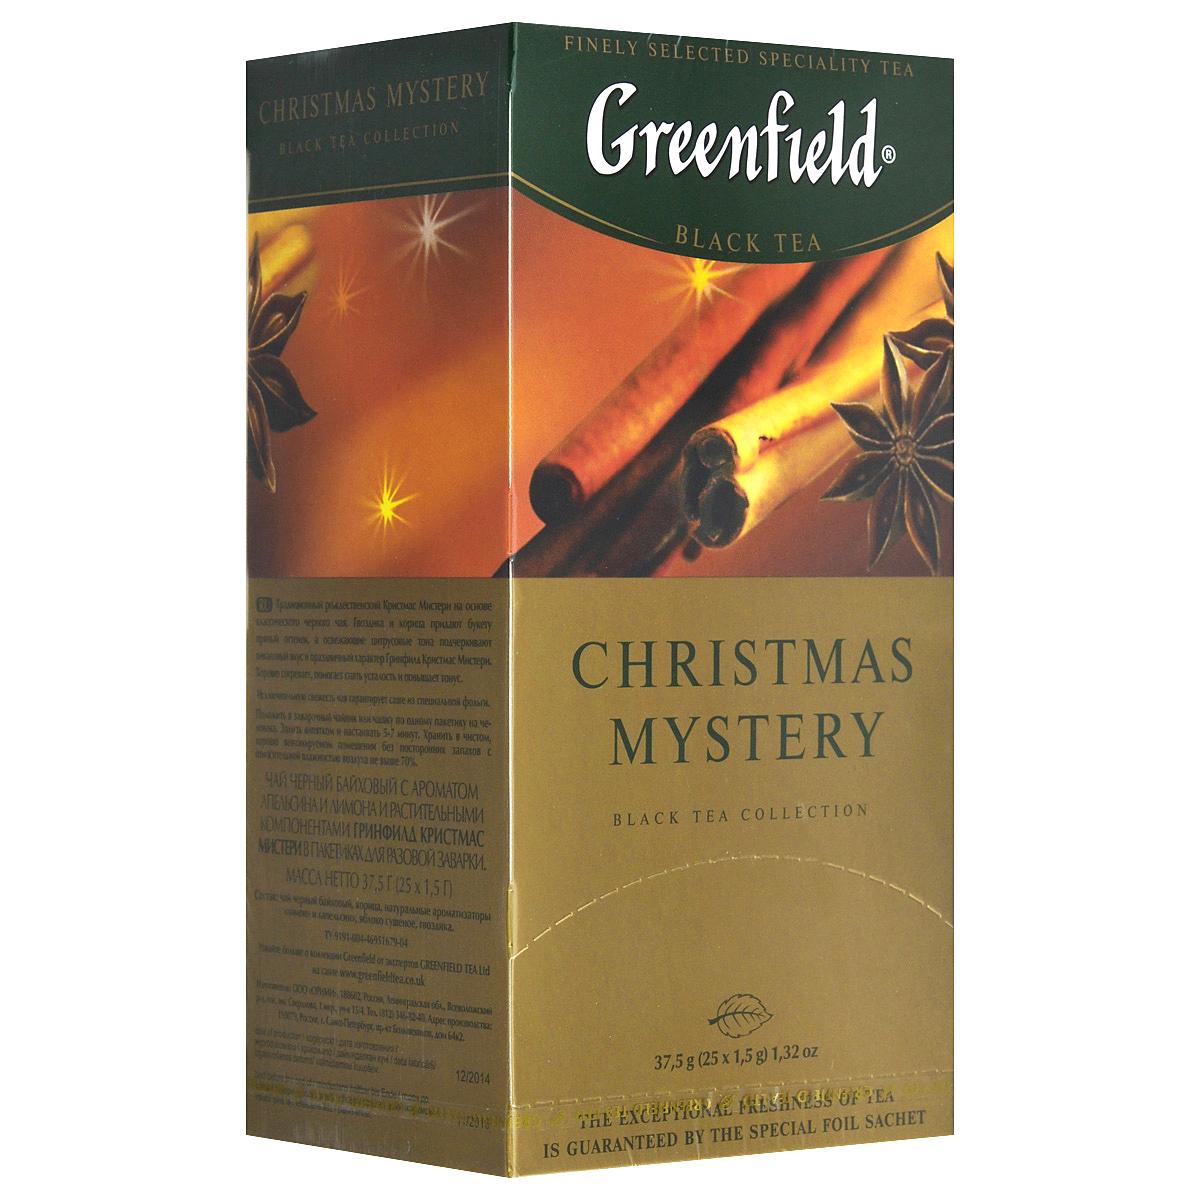 Greenfield Christmas Mystery черный чай в пакетиках, 25 шт0434-10Традиционный рождественский Greenfield Christmas Mystery на основе классического черного чая. Гвоздик и корица придают букету пряный оттенок, а освежающие цитрусовые тона подчеркивают пикантный вкус и праздничный характер Greenfield Christmas Mystery. Хорошо согревает, помогает снять усталость и повышает тонус.